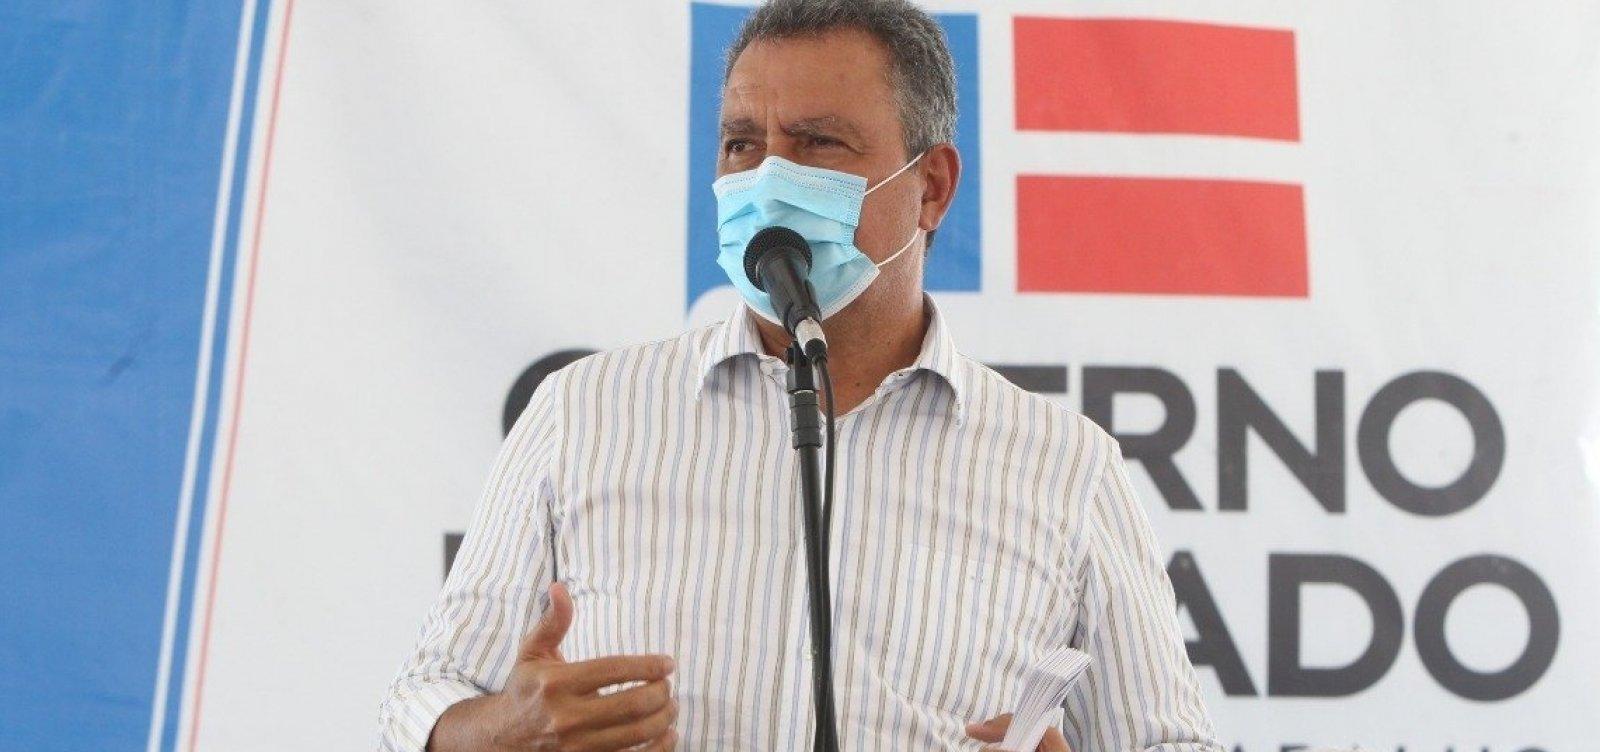 'Se o governo federal não comprar, o Estado da Bahia vai comprar a vacina', afirma governador Rui Costa